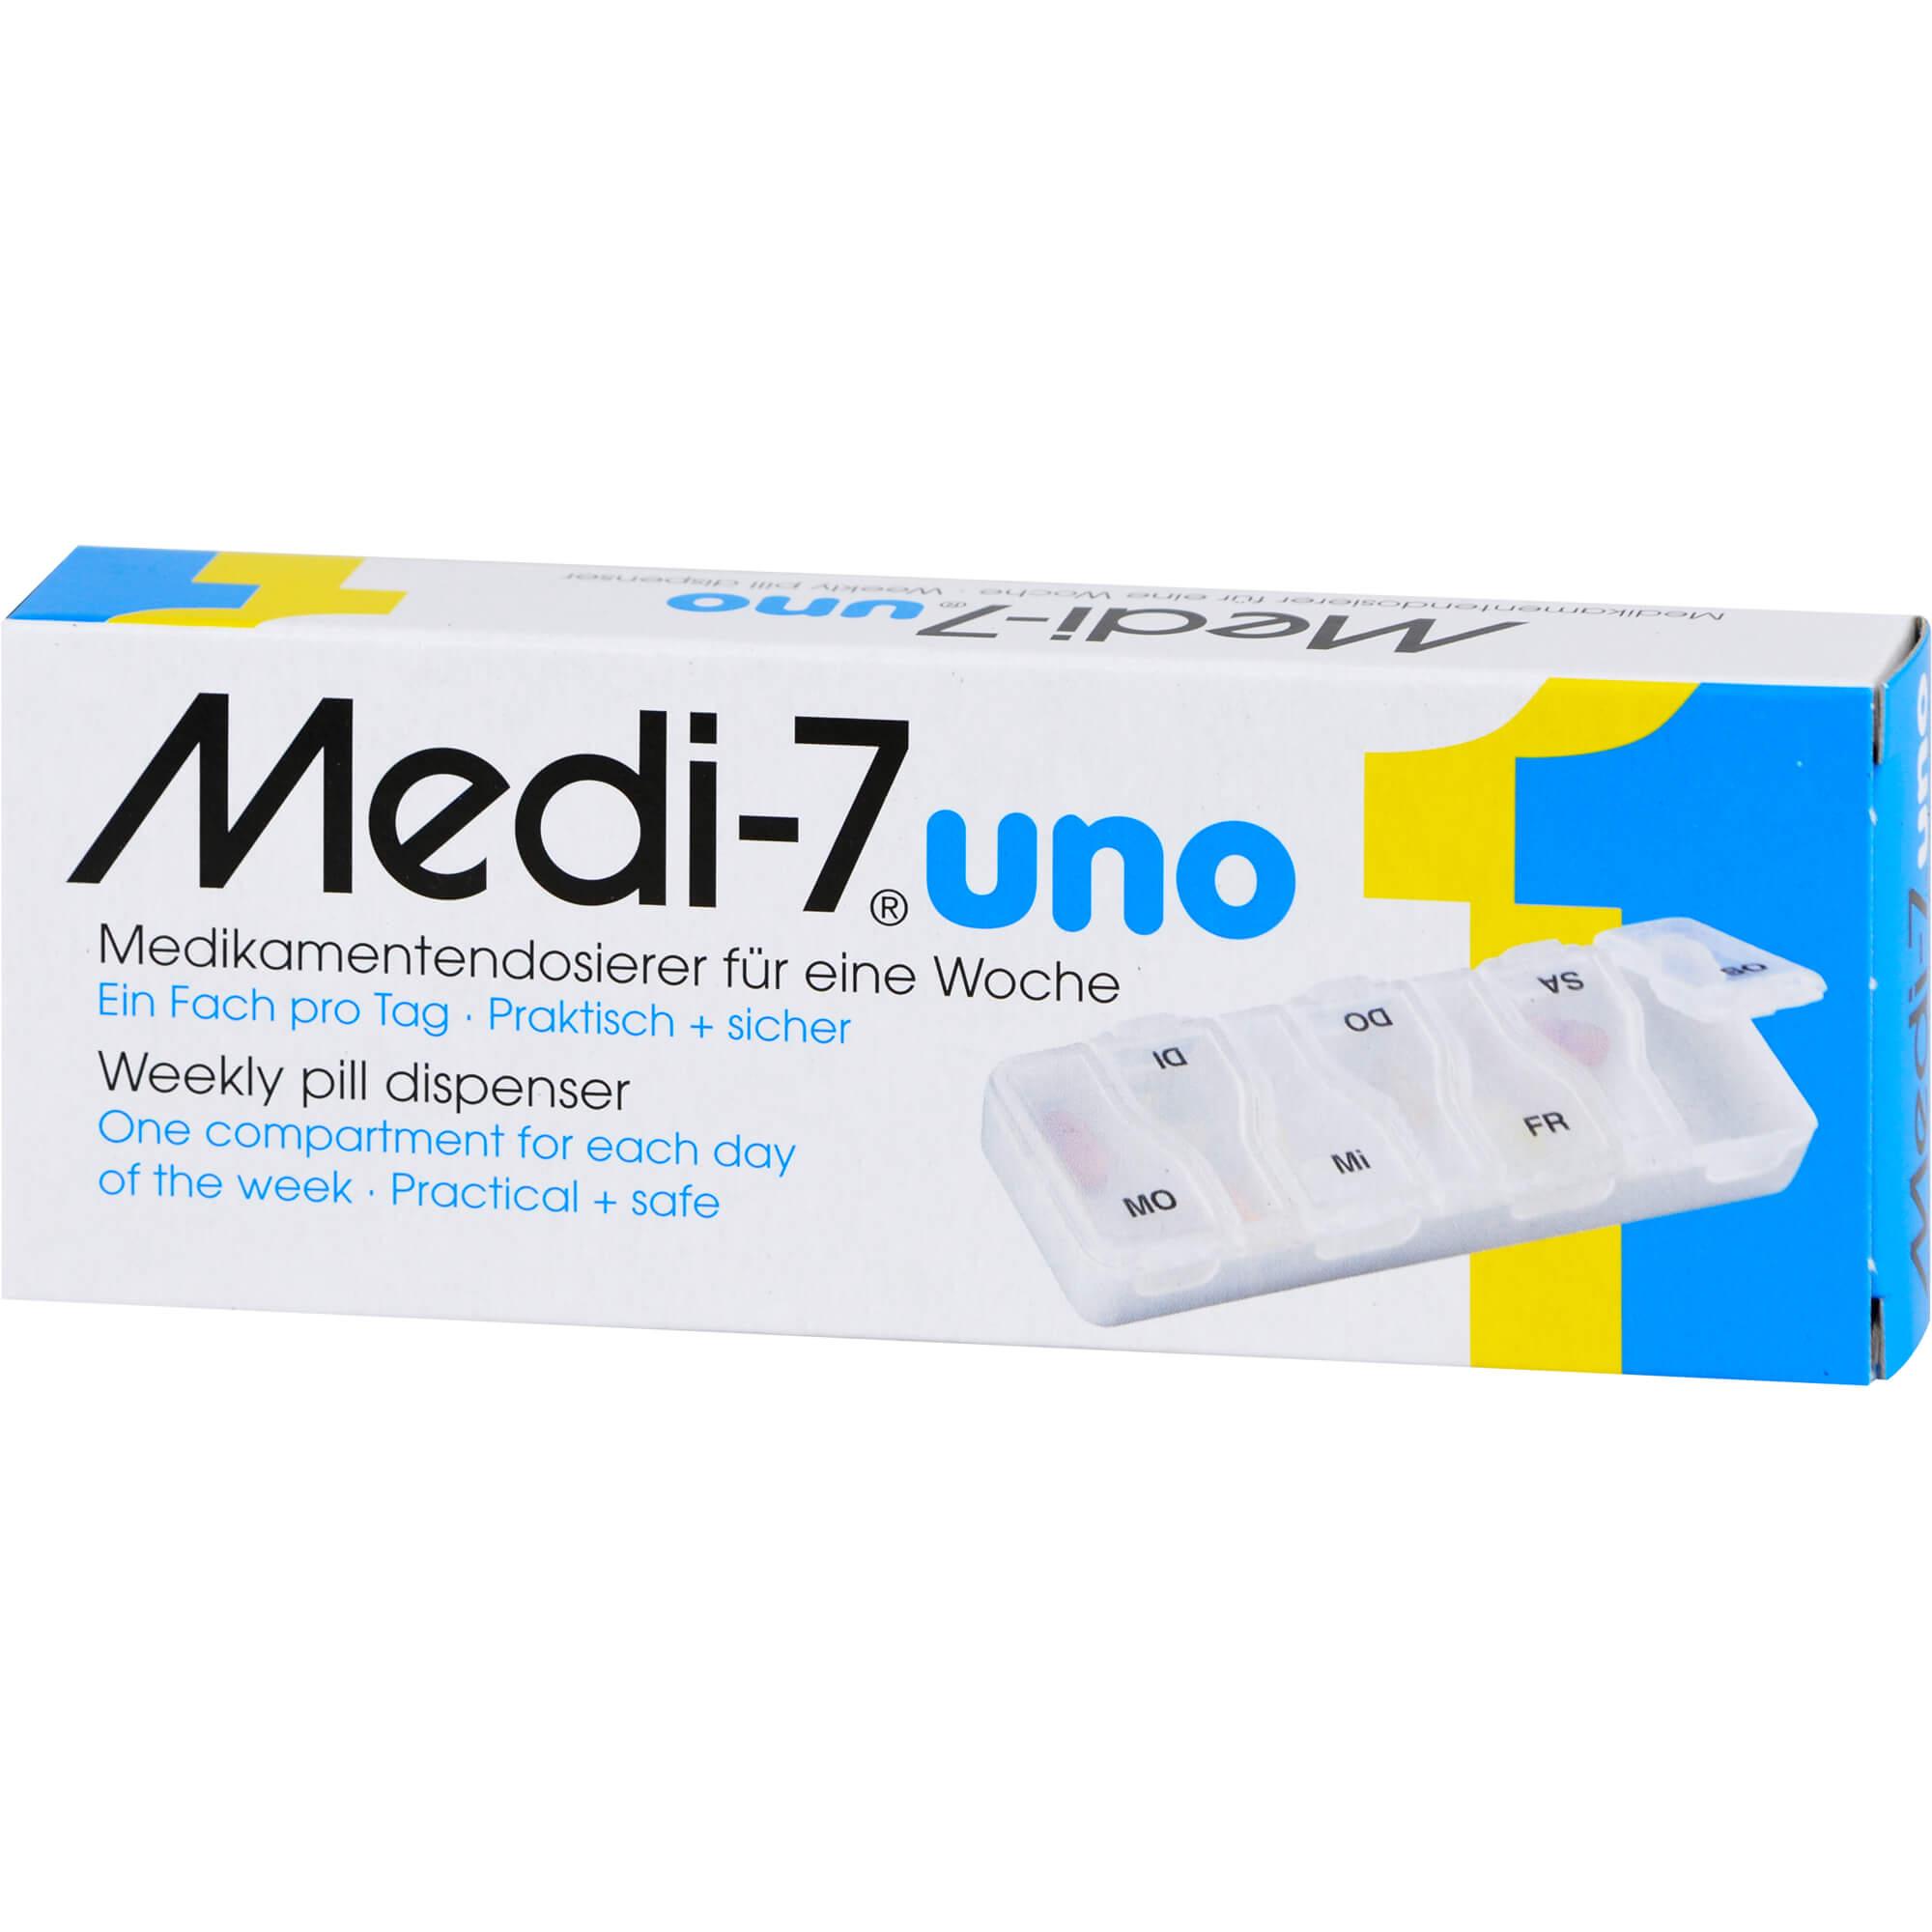 MEDI 7 uno Medikamentendosierer für 7 Tage weiß